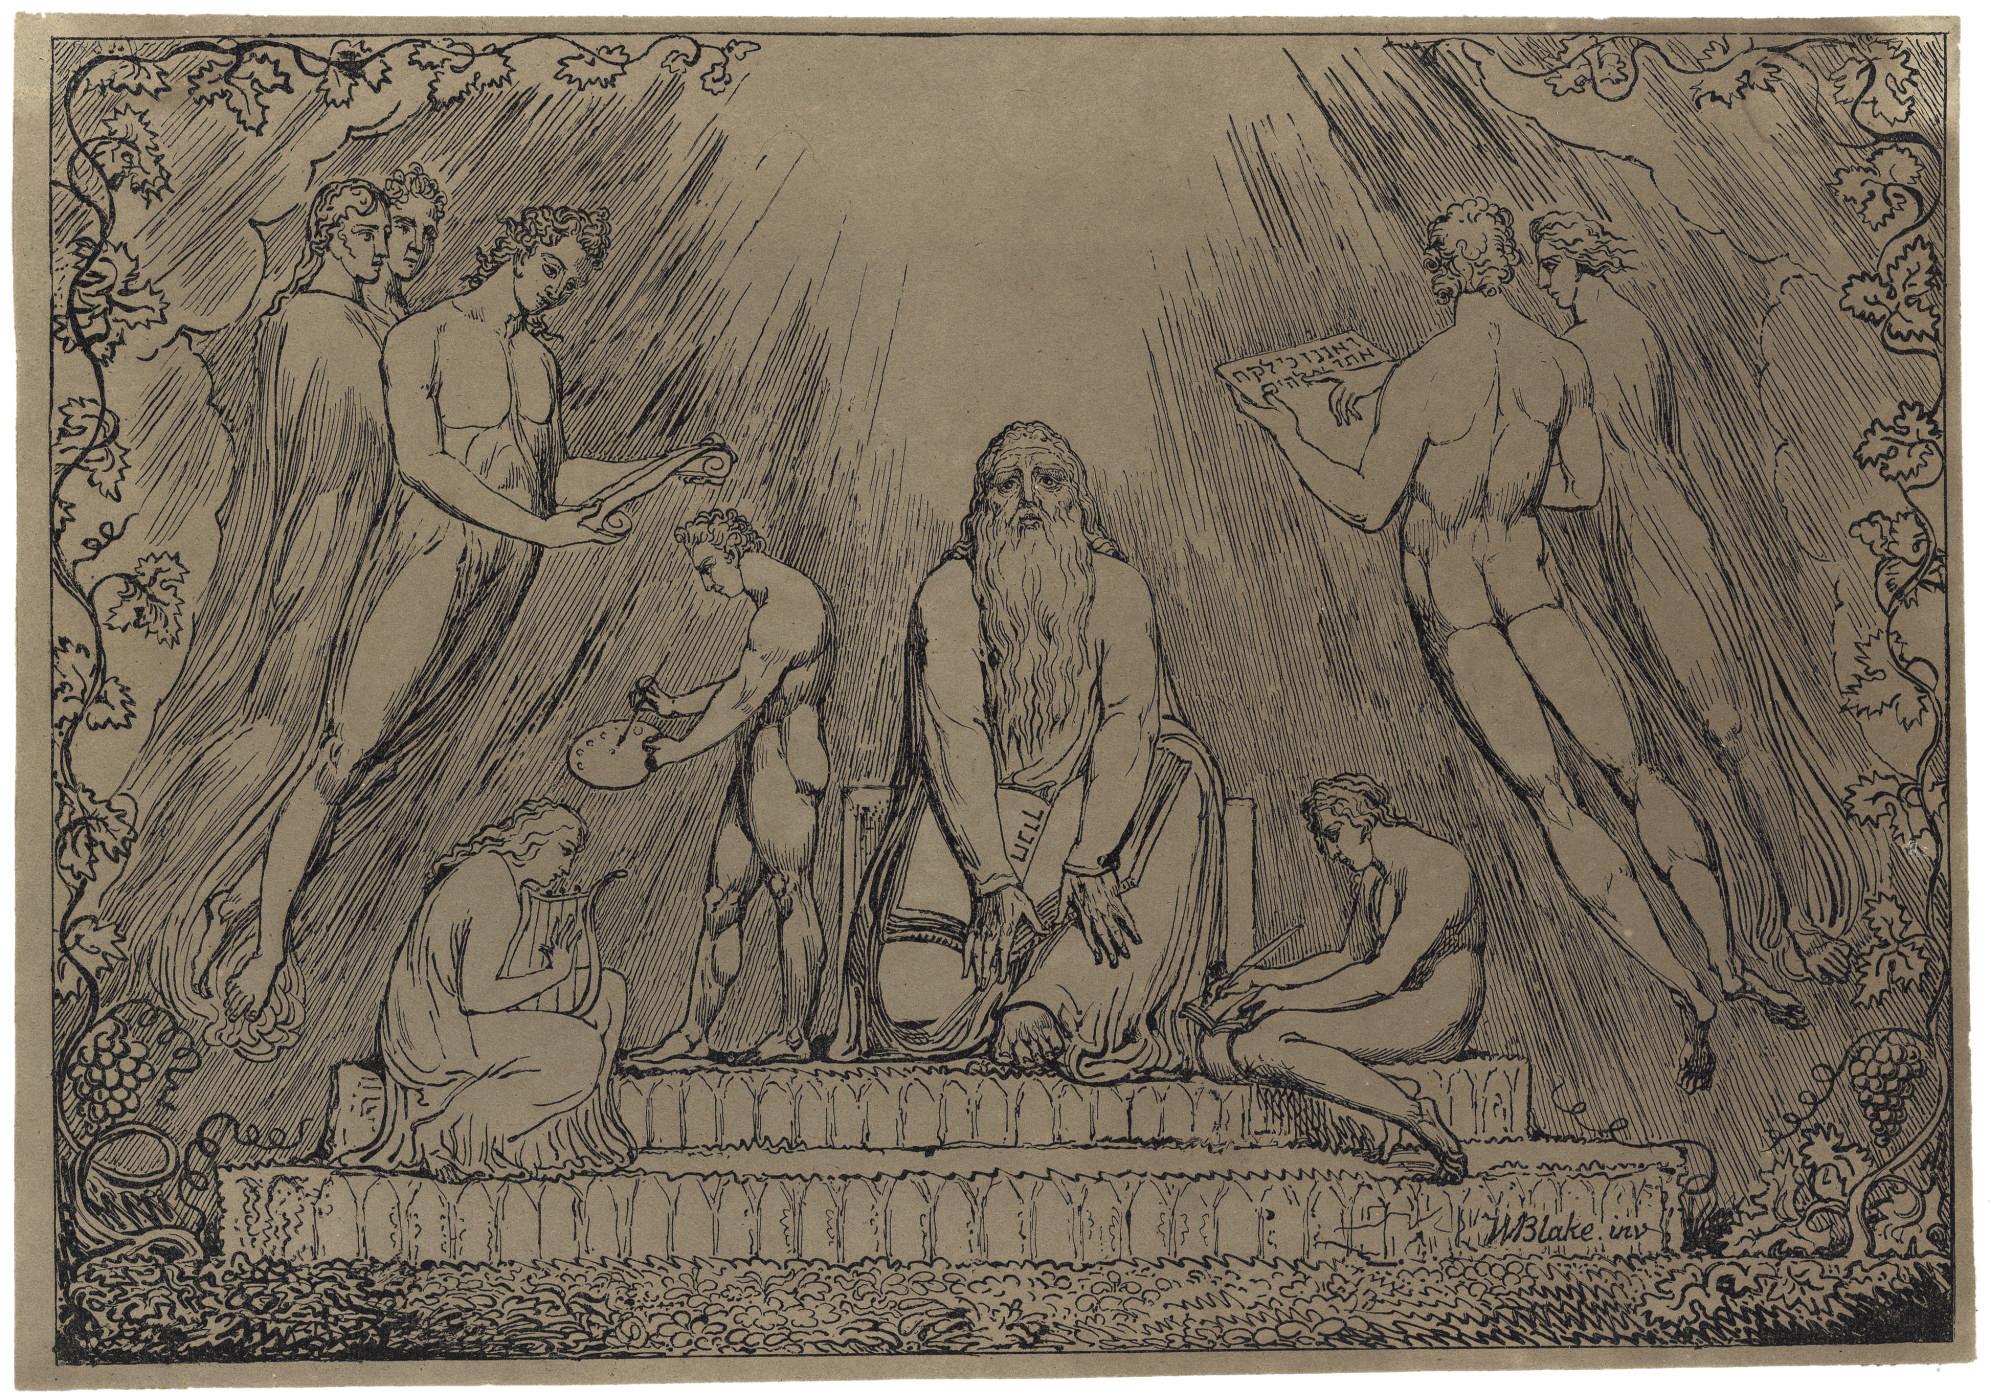 Enoch (Binyon 136; Bindman 413; Essick XV 1D.)